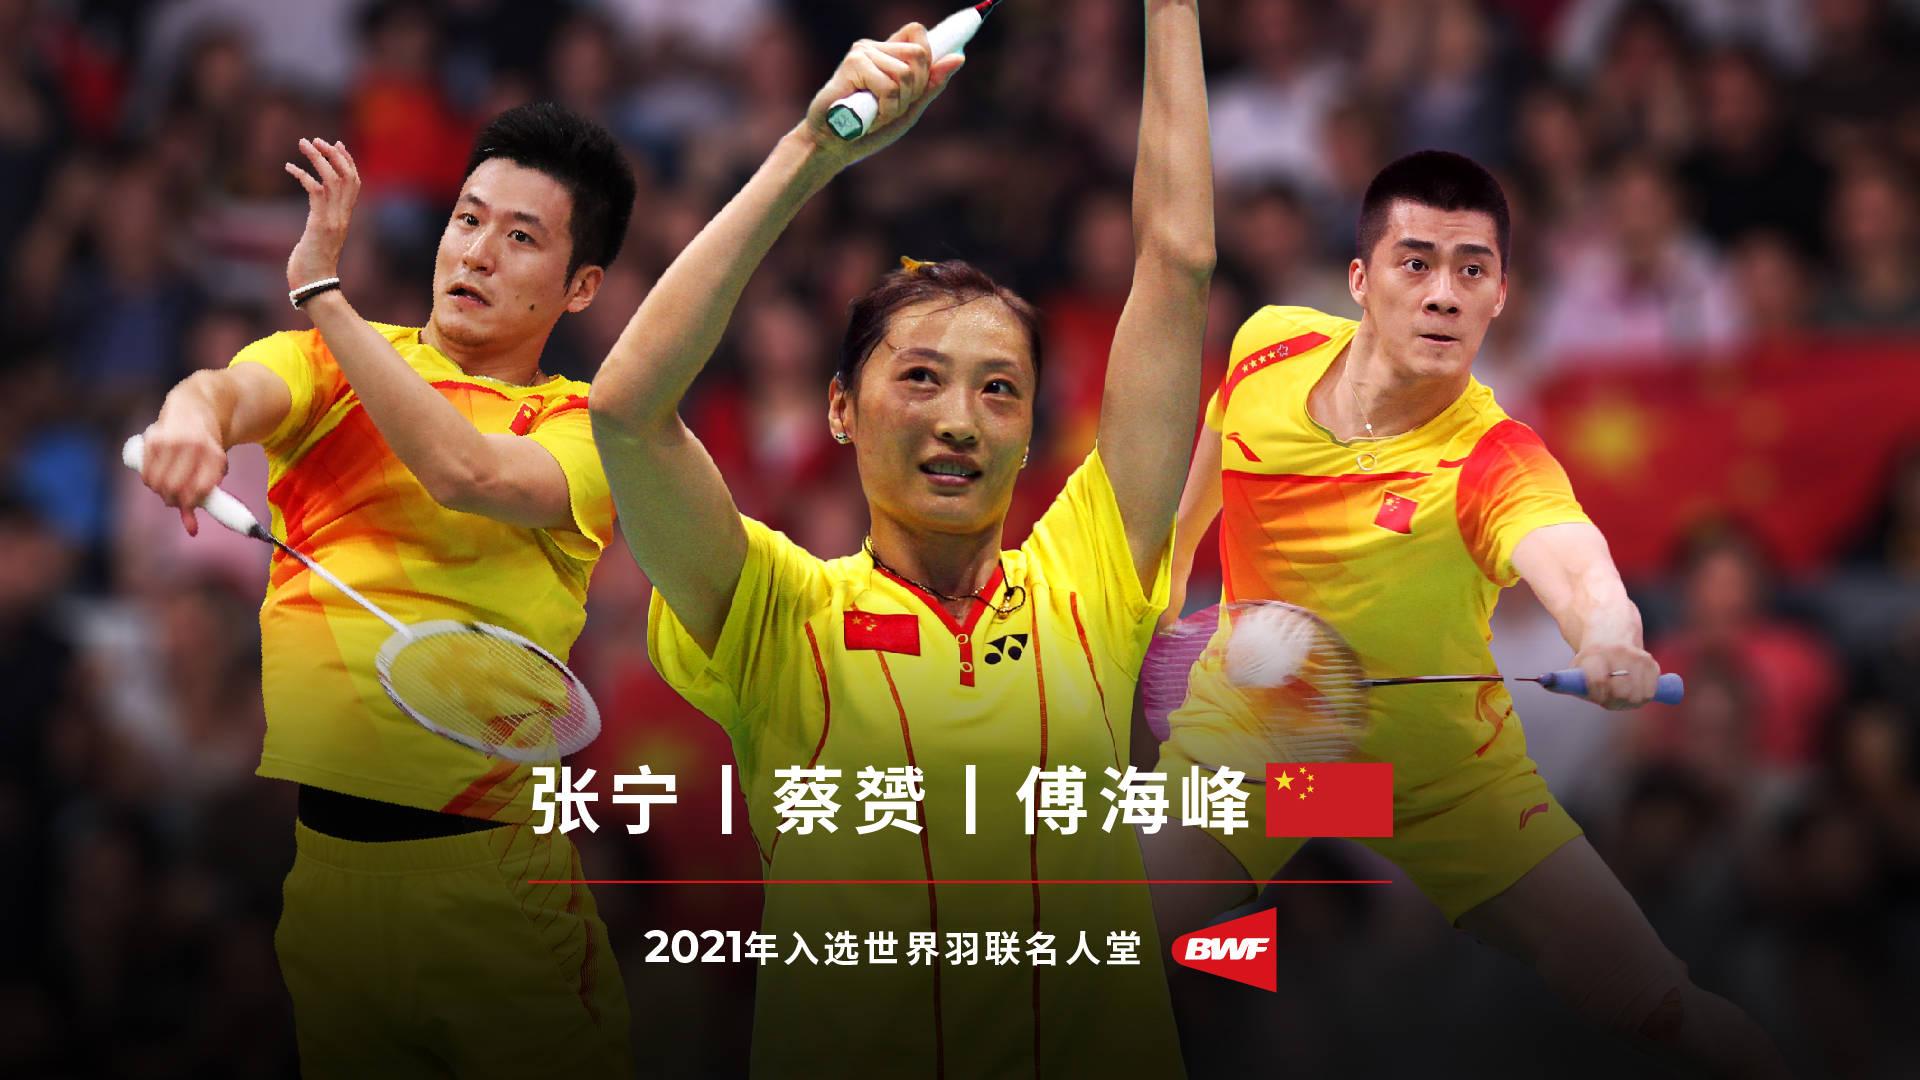 张宁携蔡�S傅海峰入选世界羽人堂_被赞体育史标志人物